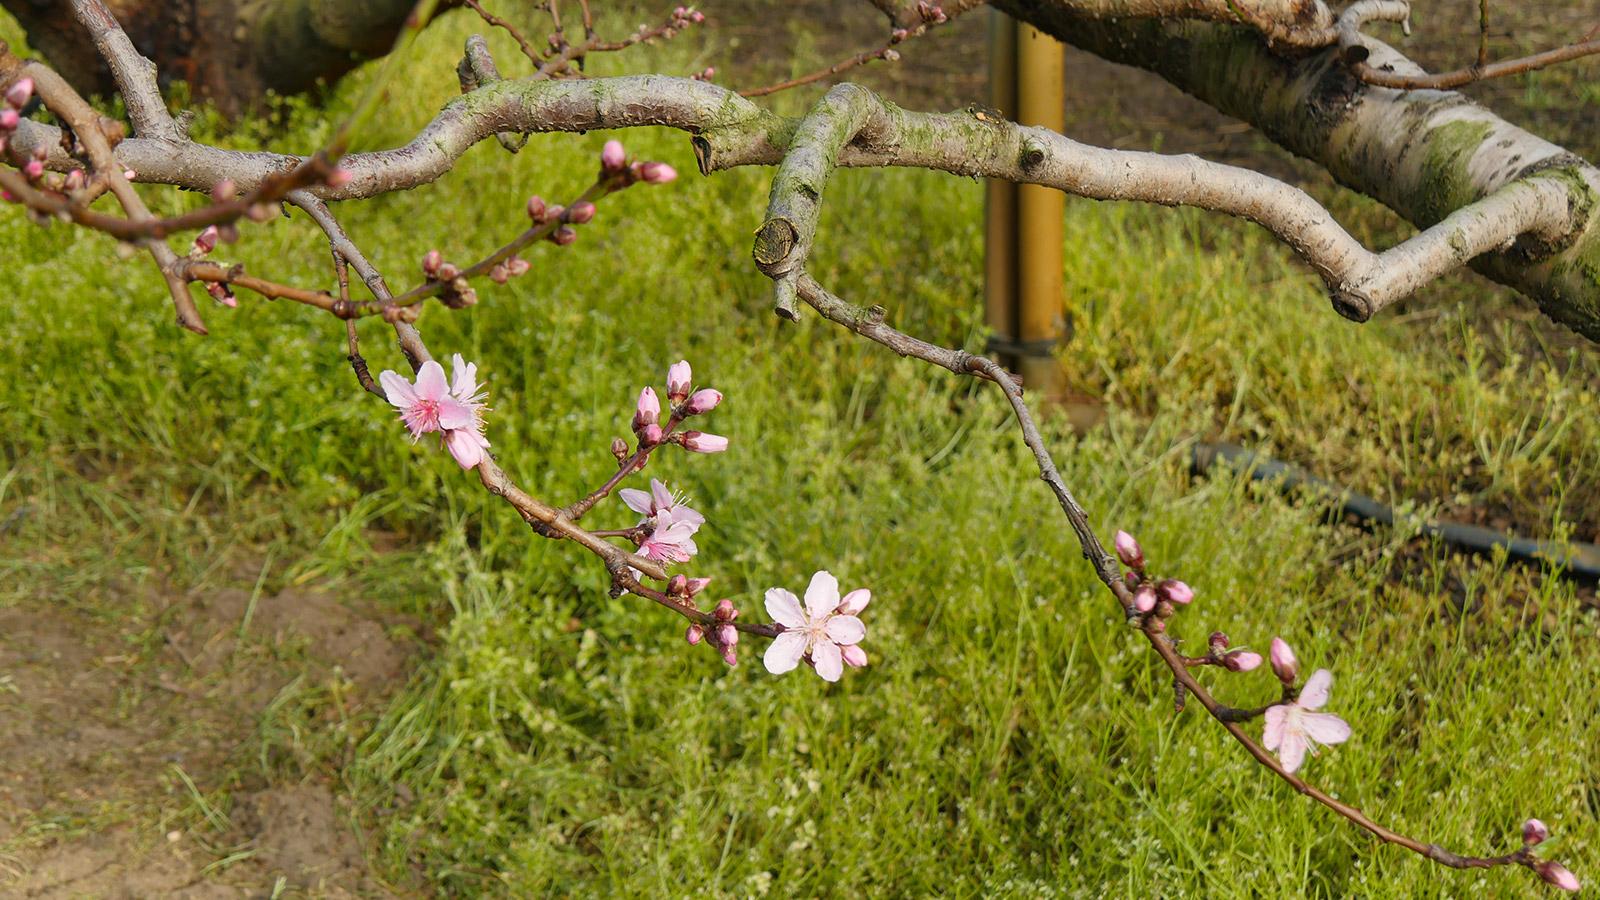 木に近いところはこのように草も残っていますが、ピンクが映えやすいですね。